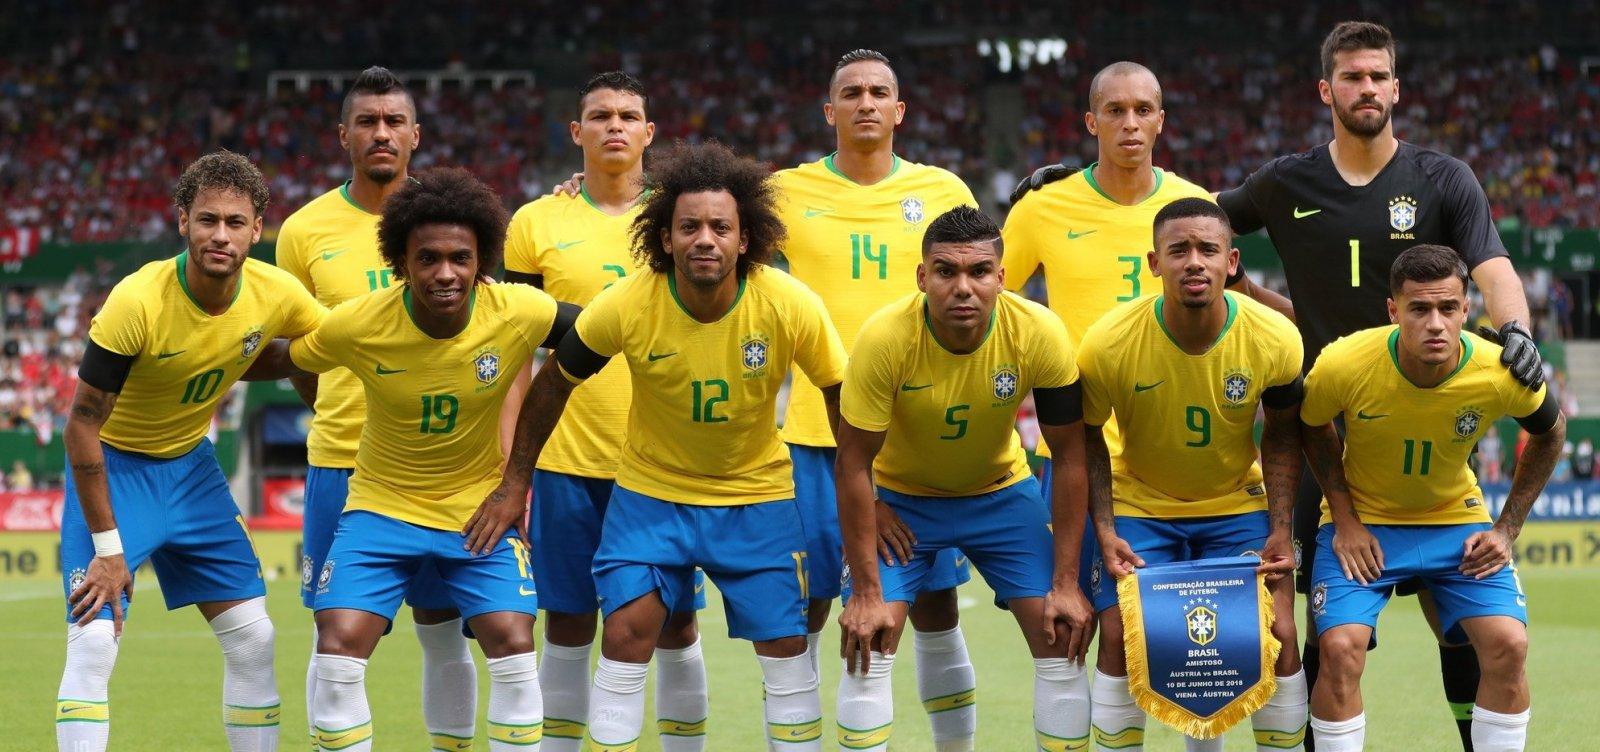 Resultado de imagem para Seleção estreia com a camisa amarela contra a.  Os uniformes da seleção brasileira ... 84c3c6bb17b40